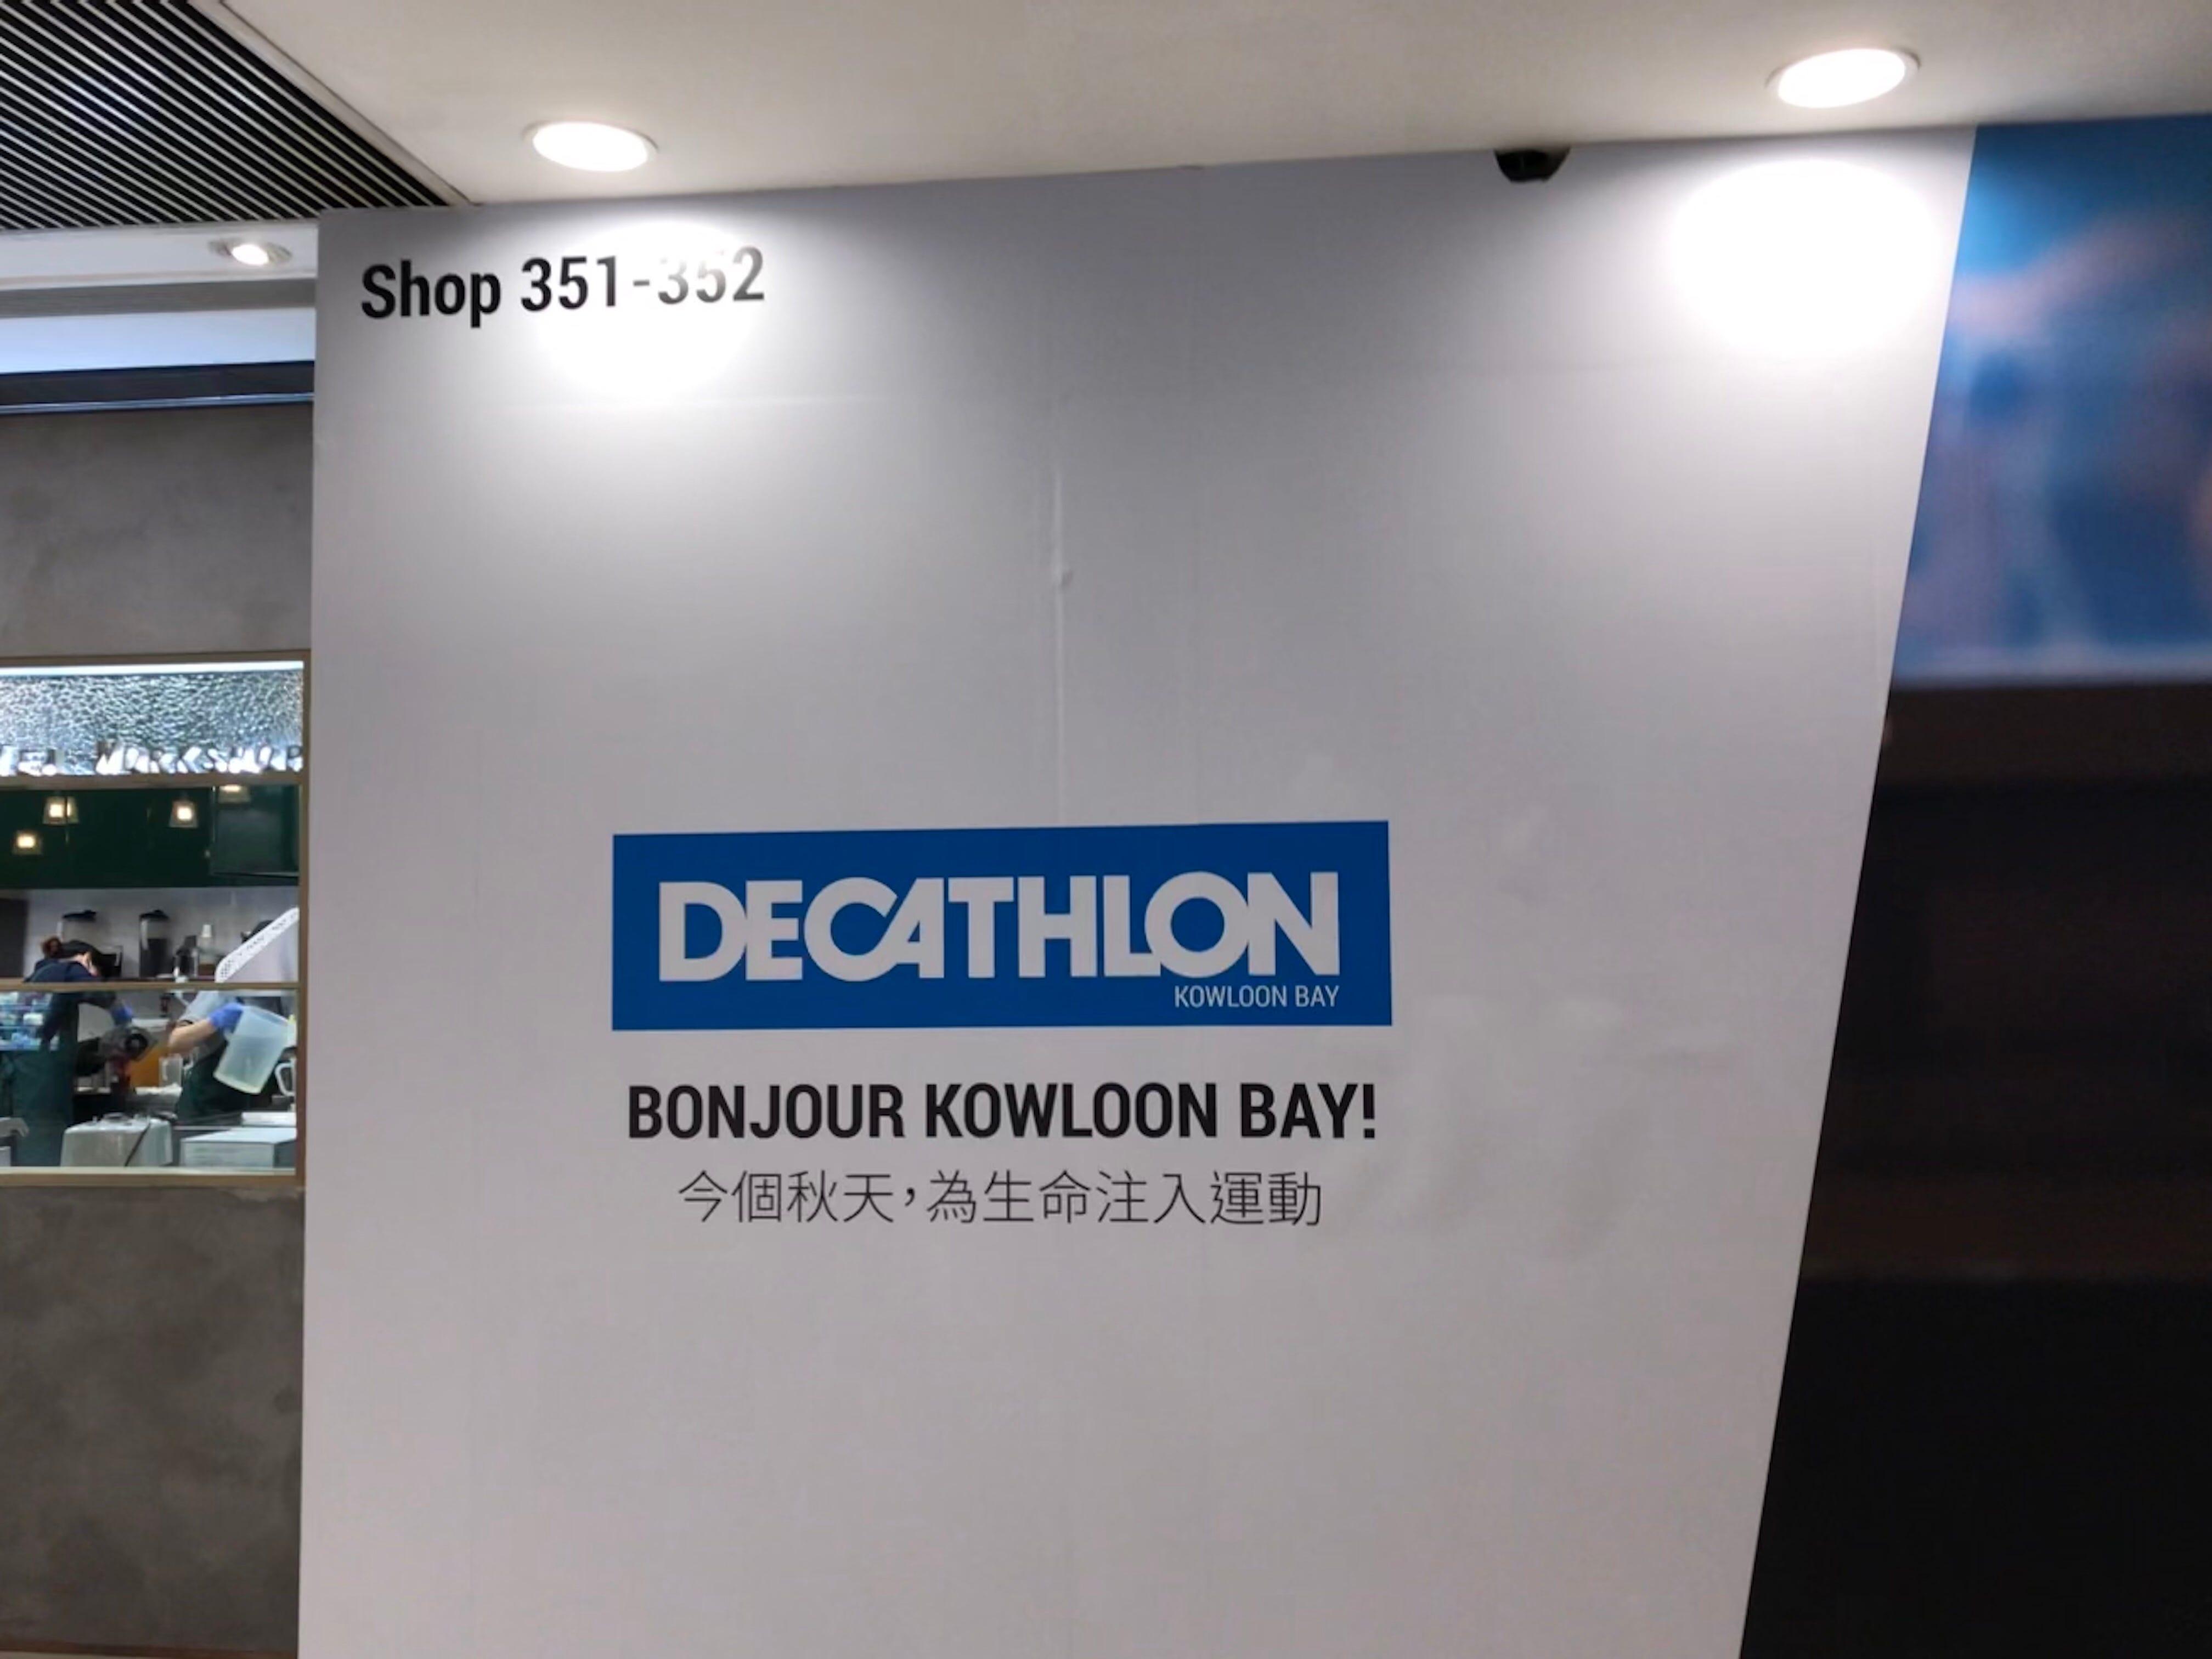 逆市奇皅: DECATHLON 迪卡儂即將登陸中環及九龍灣. 過去一星期。所有的焦點都在壹傳媒身上。新聞自由進一步被 ...